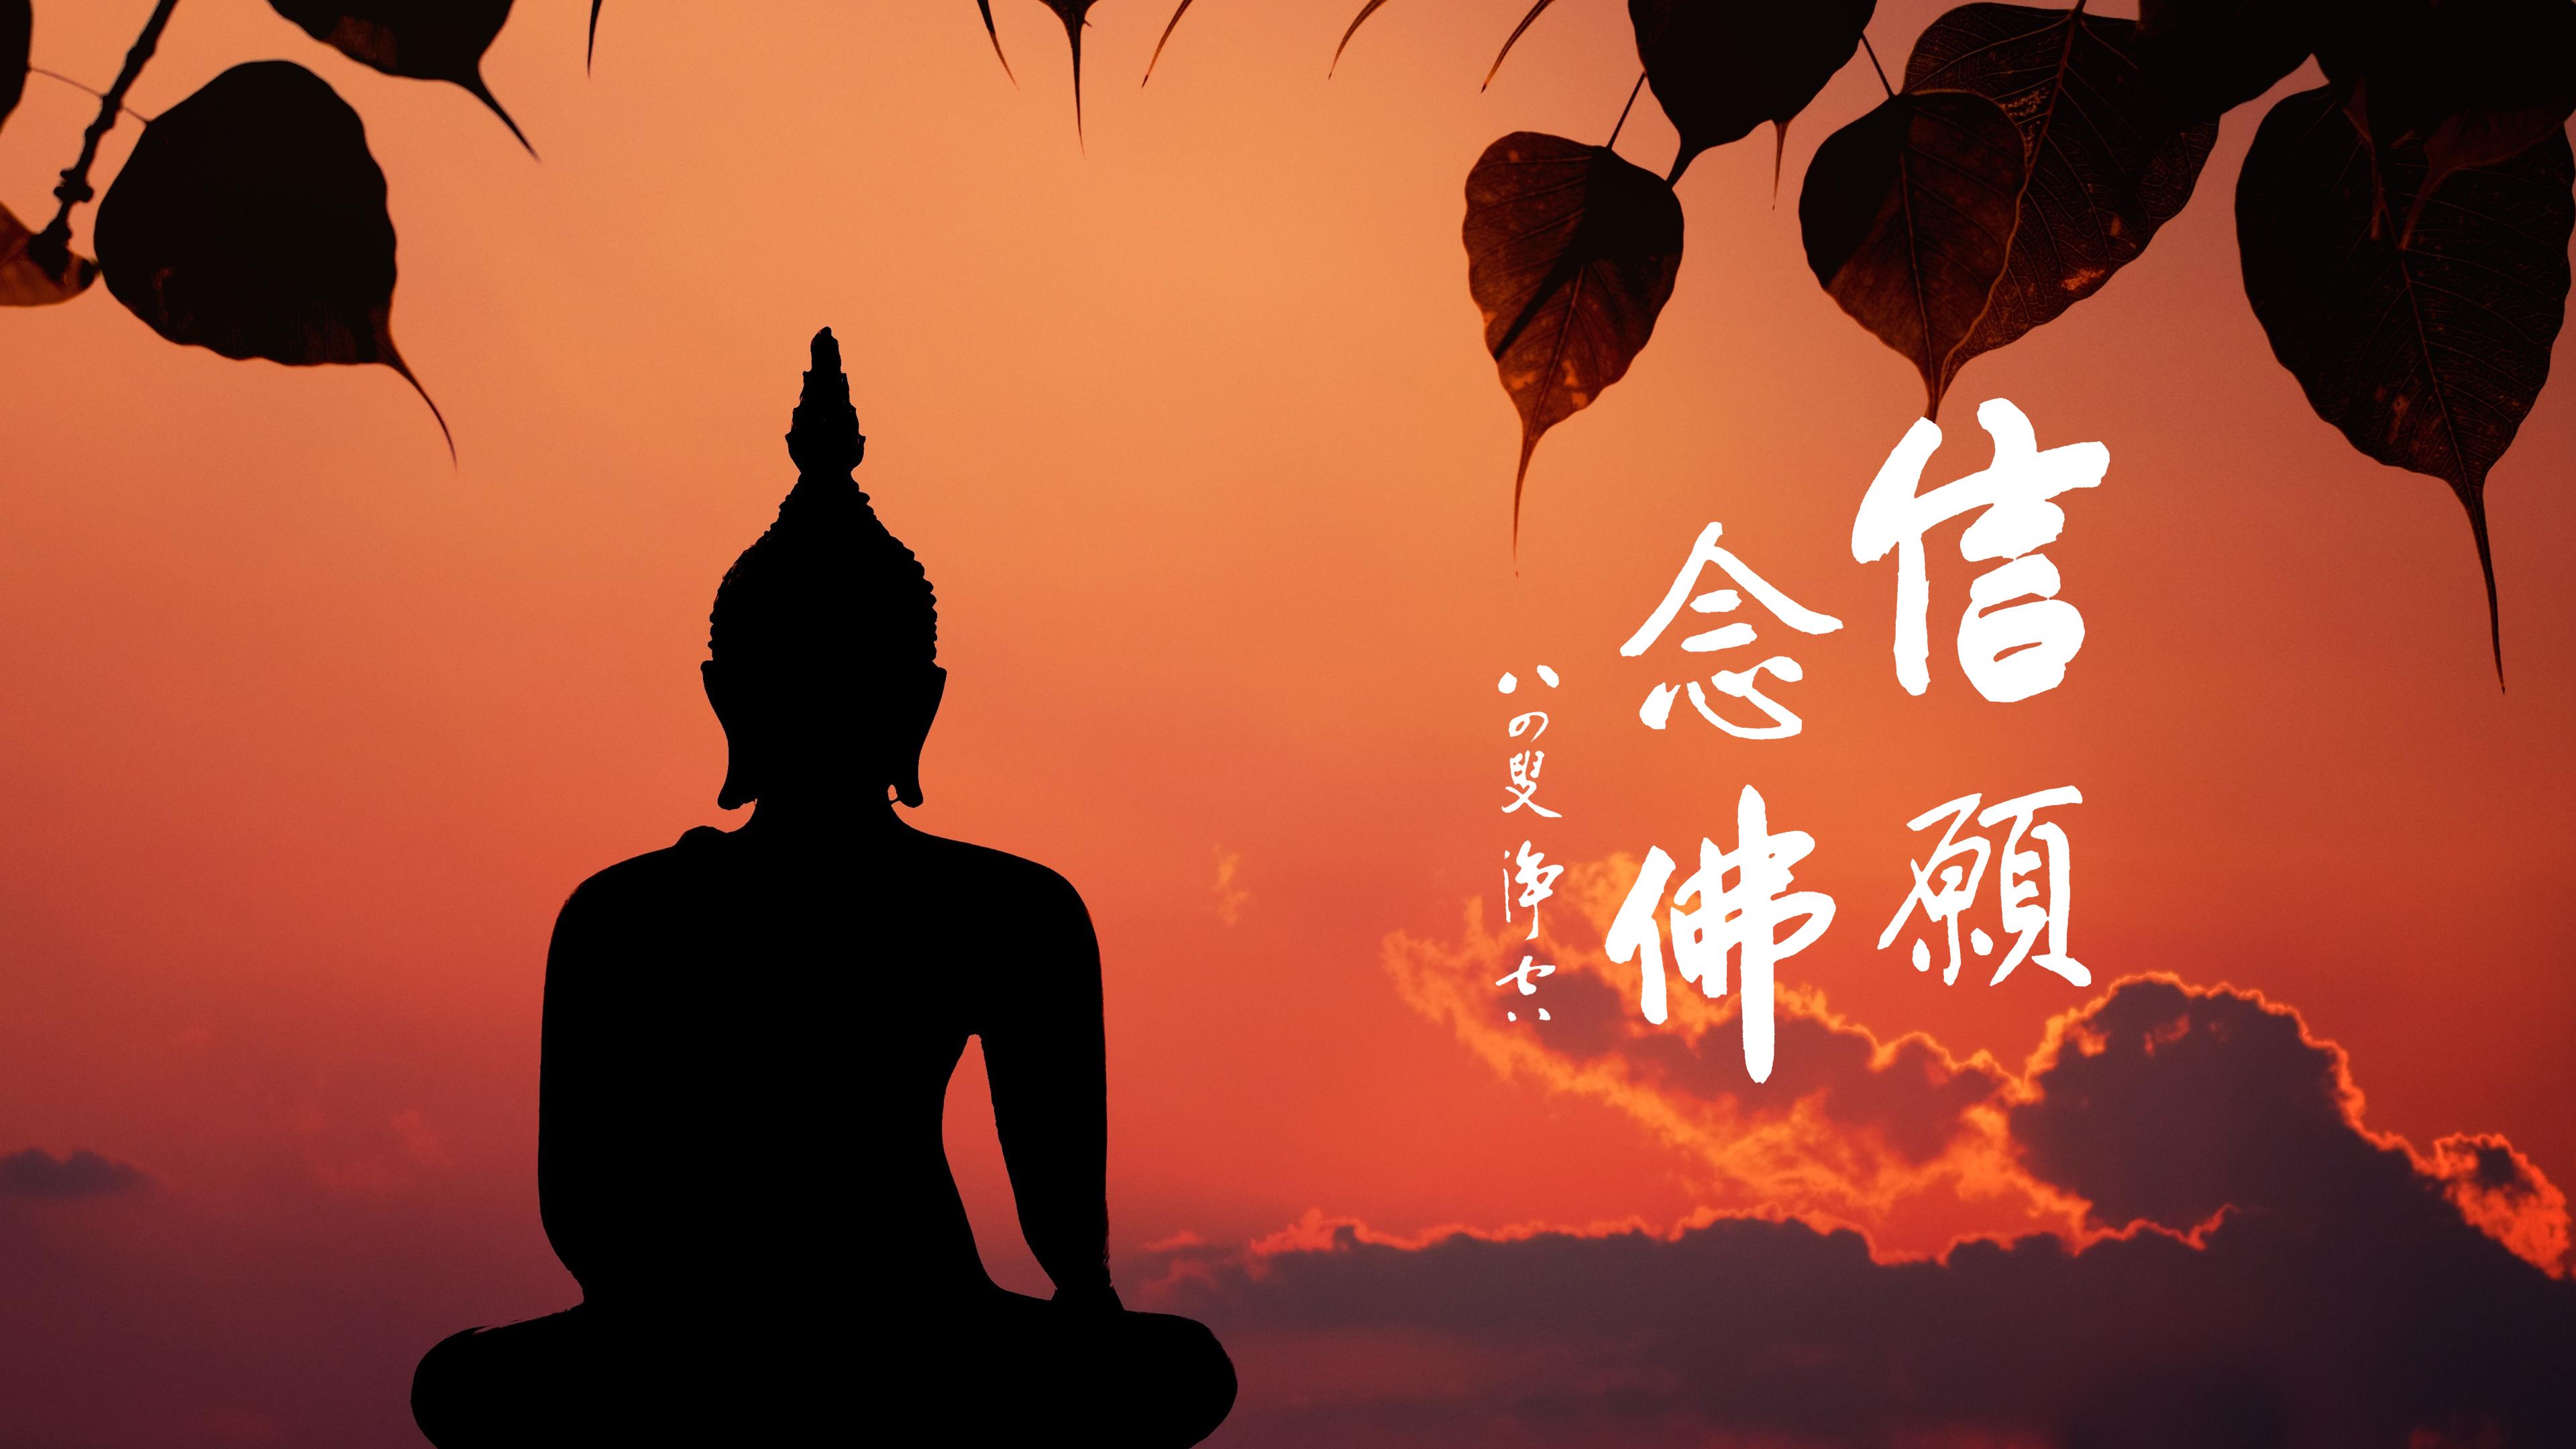 念這一句阿彌陀佛這是佛種-第620集